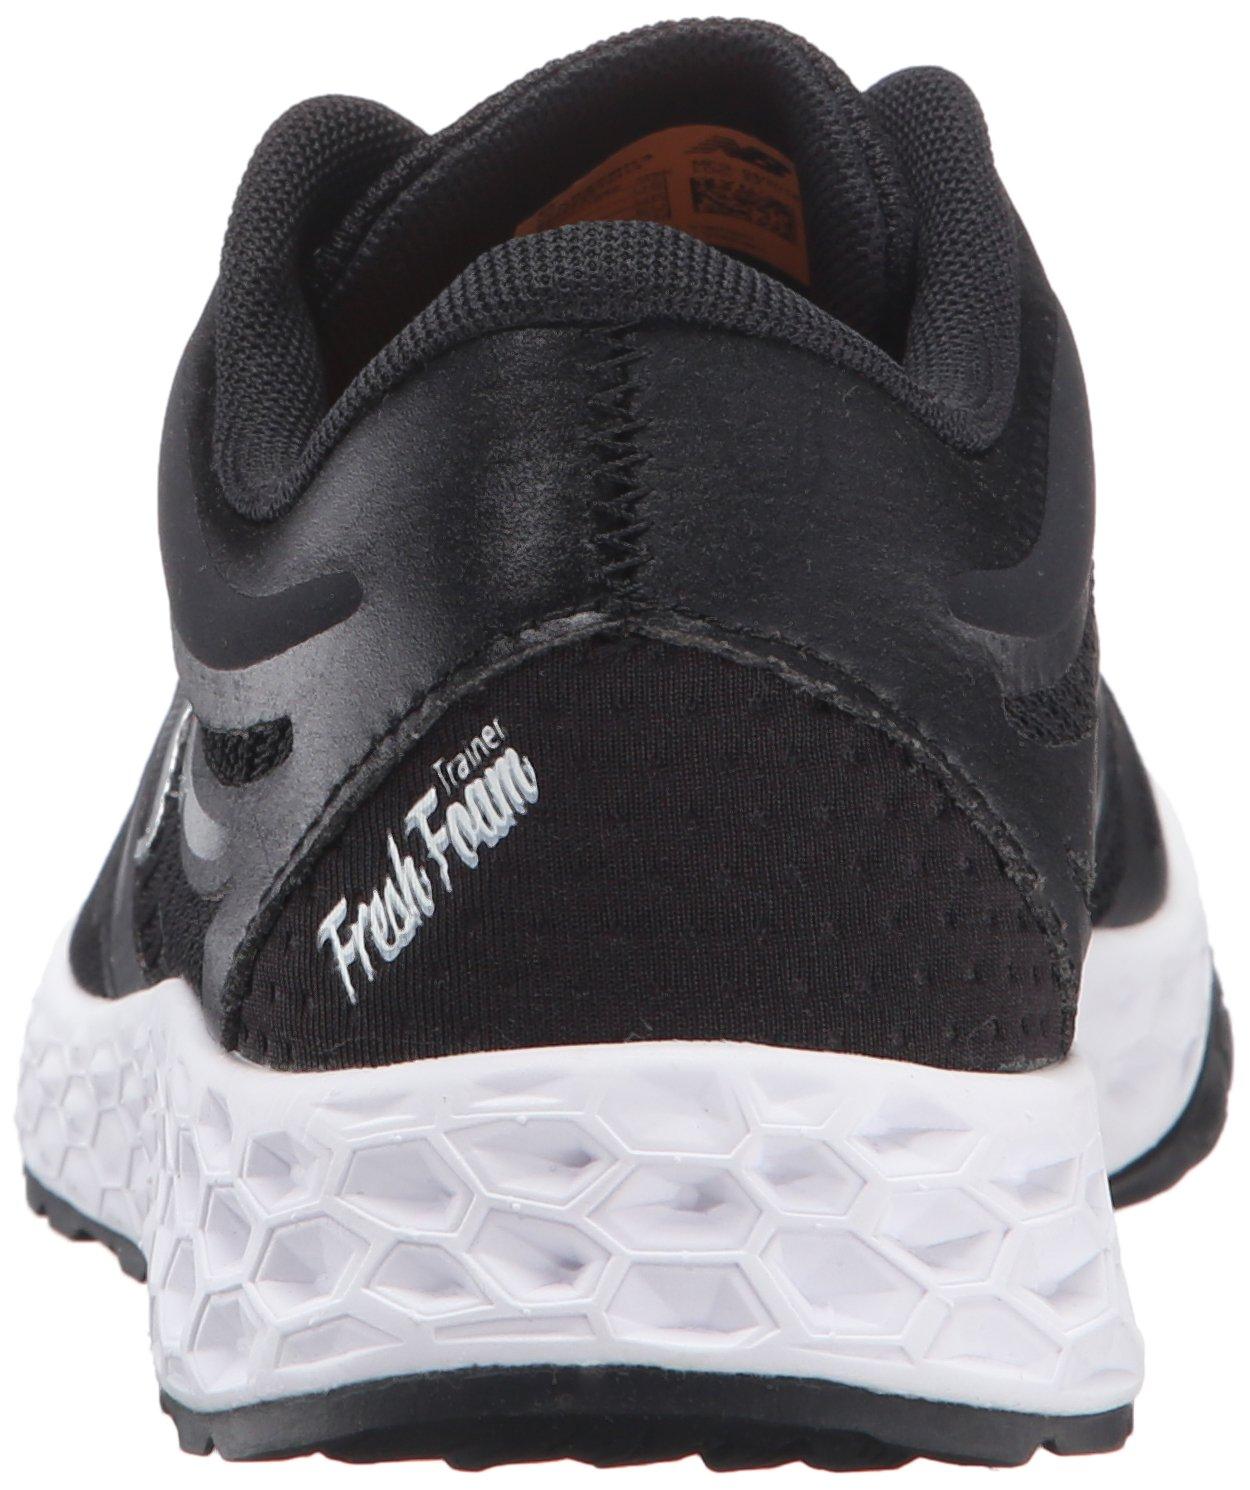 c9fbb9a02a0 Zapato de entrenamiento 822v3 para mujer New Balance Negro   Plata